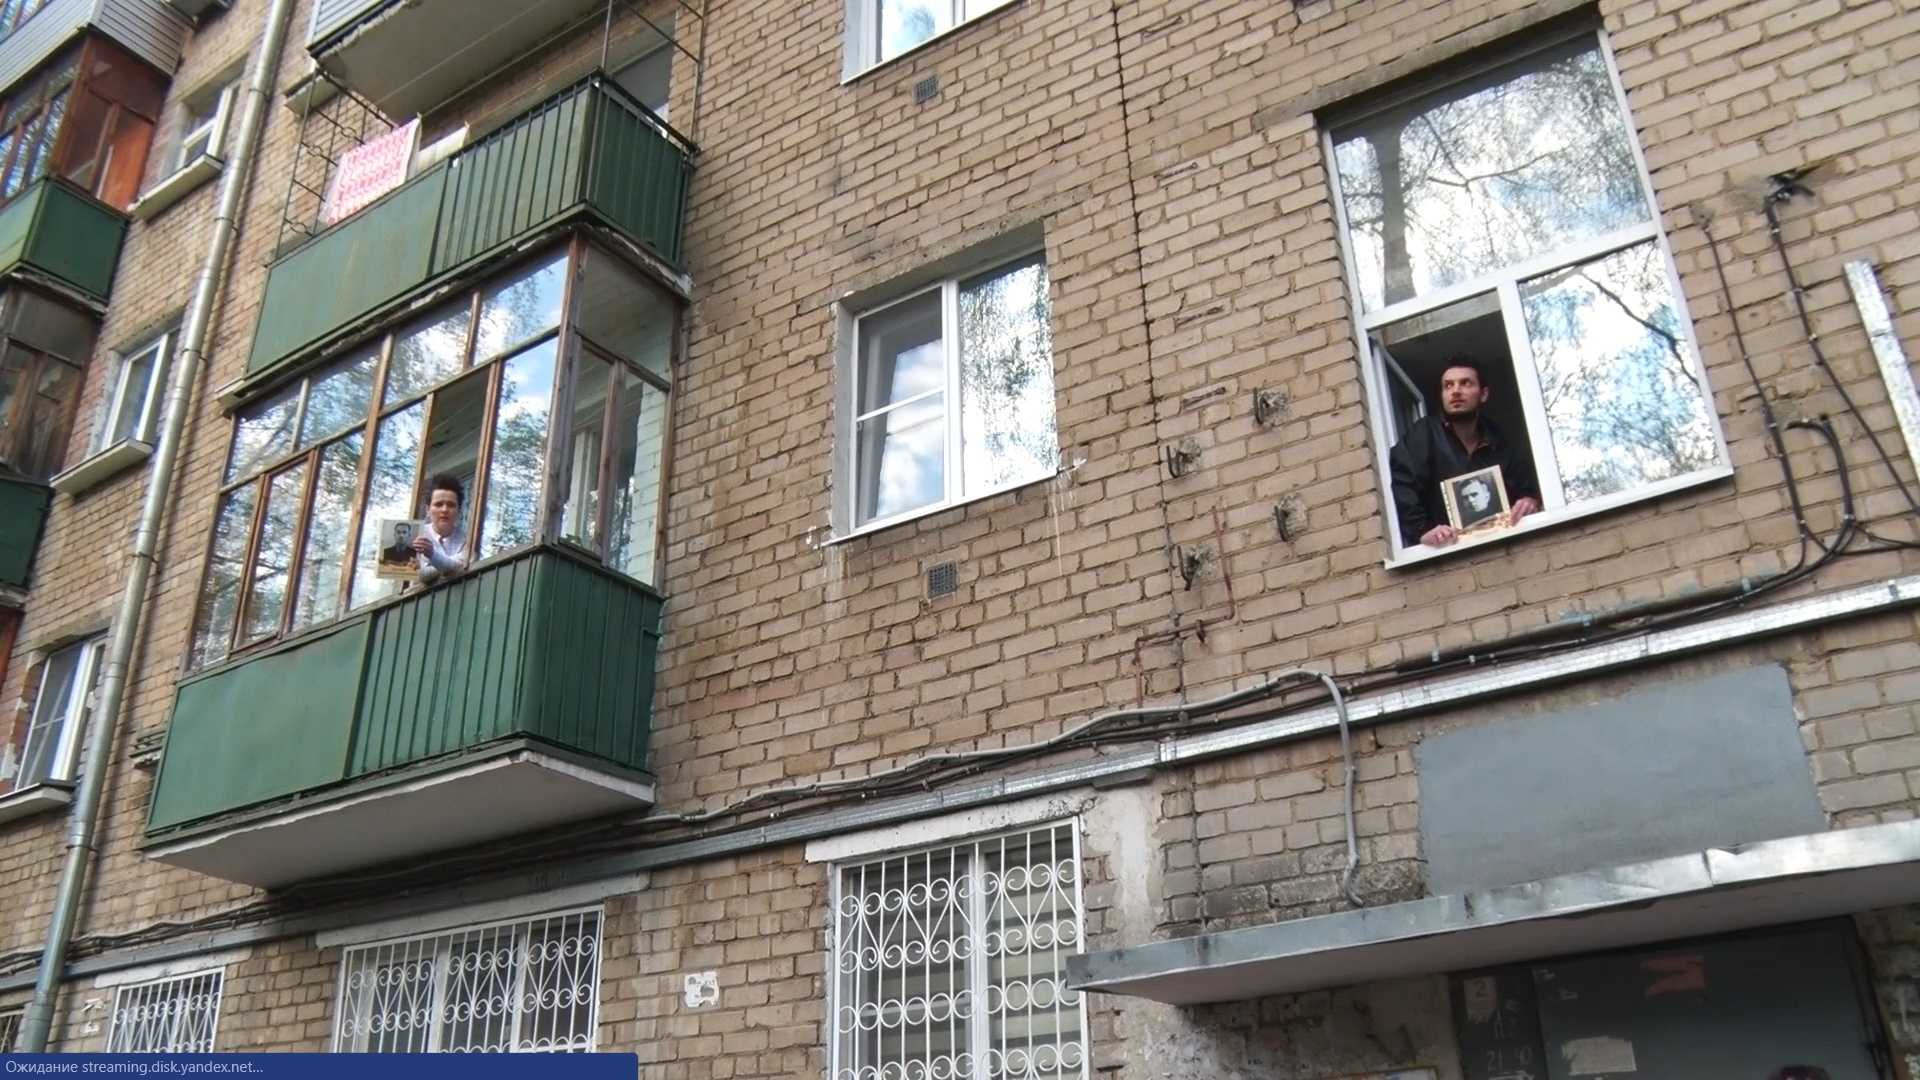 Ярославцы присоединились к всероссийскому флешмобу и спели «День победы» со своих балконов: видео